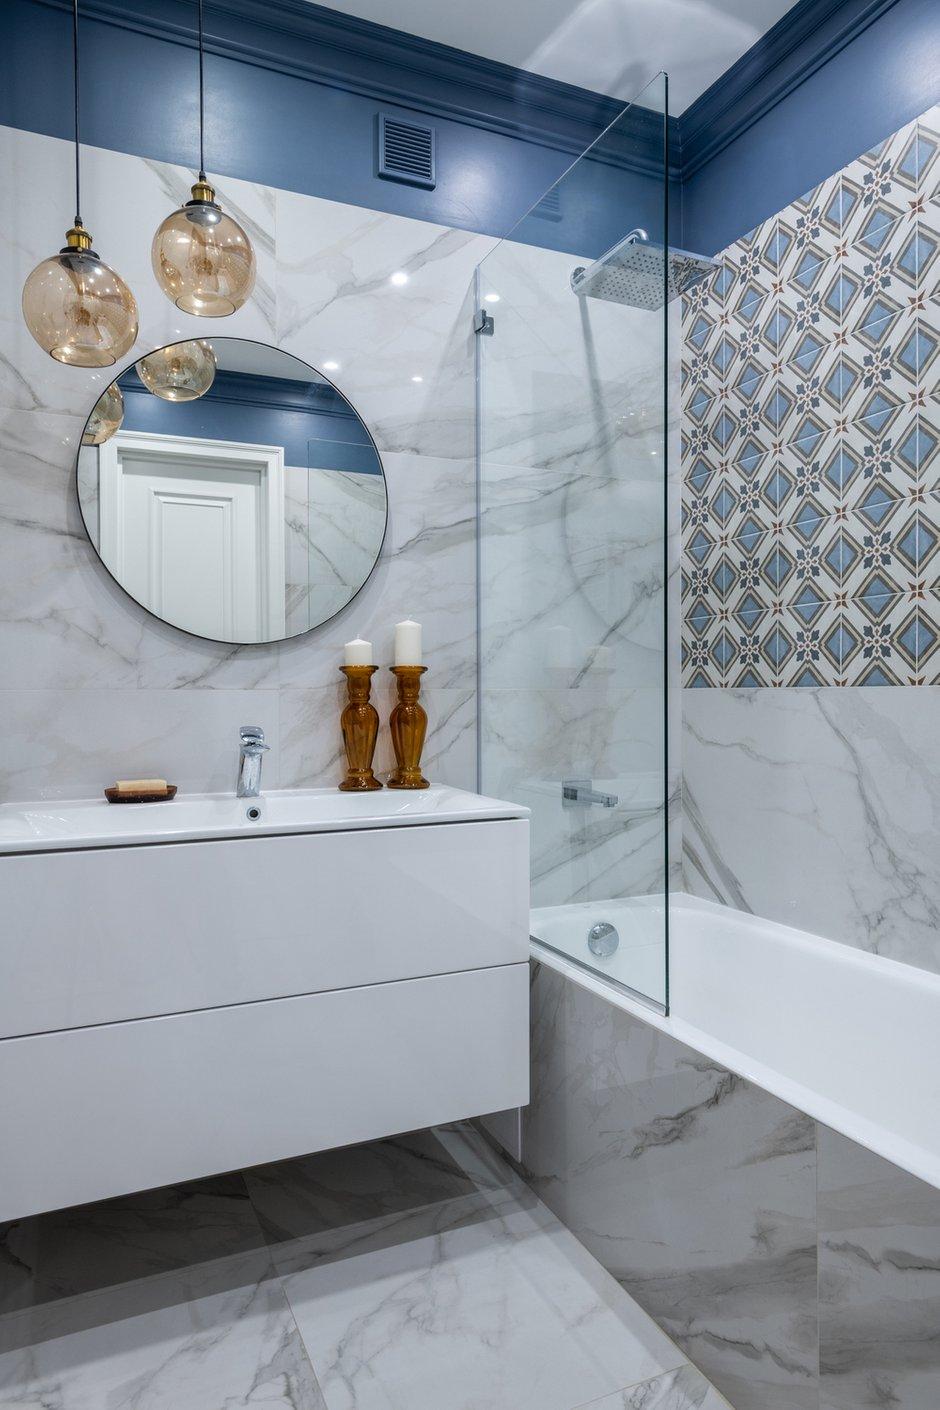 Фотография: Ванная в стиле Современный, Квартира, Проект недели, Москва, 3 комнаты, 60-90 метров, Анна Моджаро – фото на INMYROOM